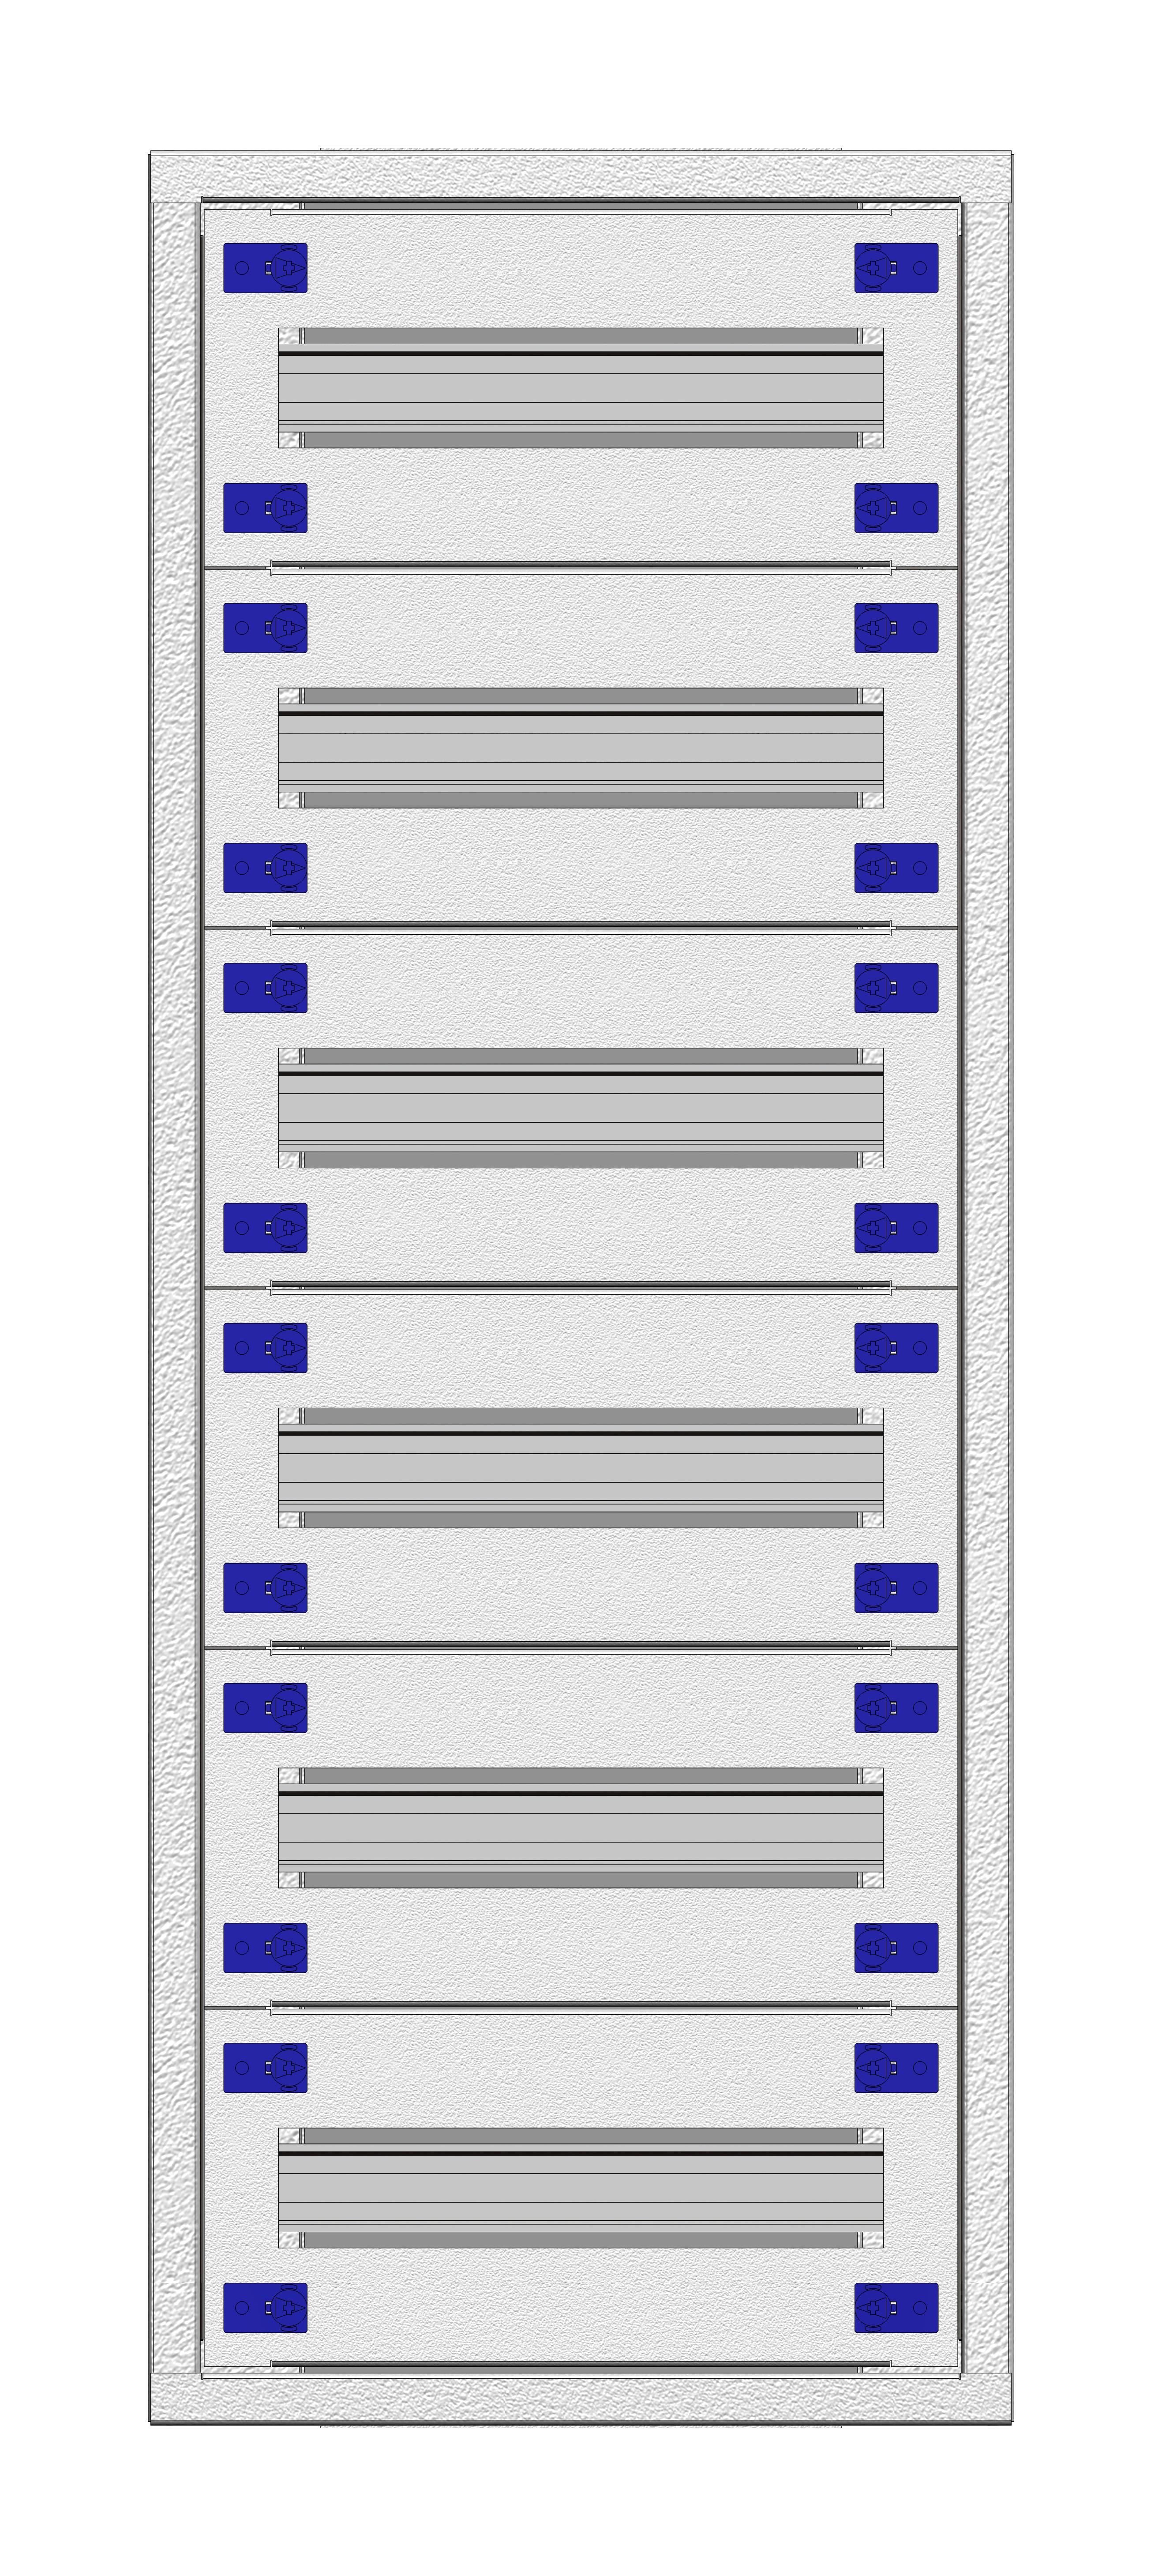 1 Stk Aufputz-Installationsverteiler 1A-18L, H915B380T250mm IL172118AK